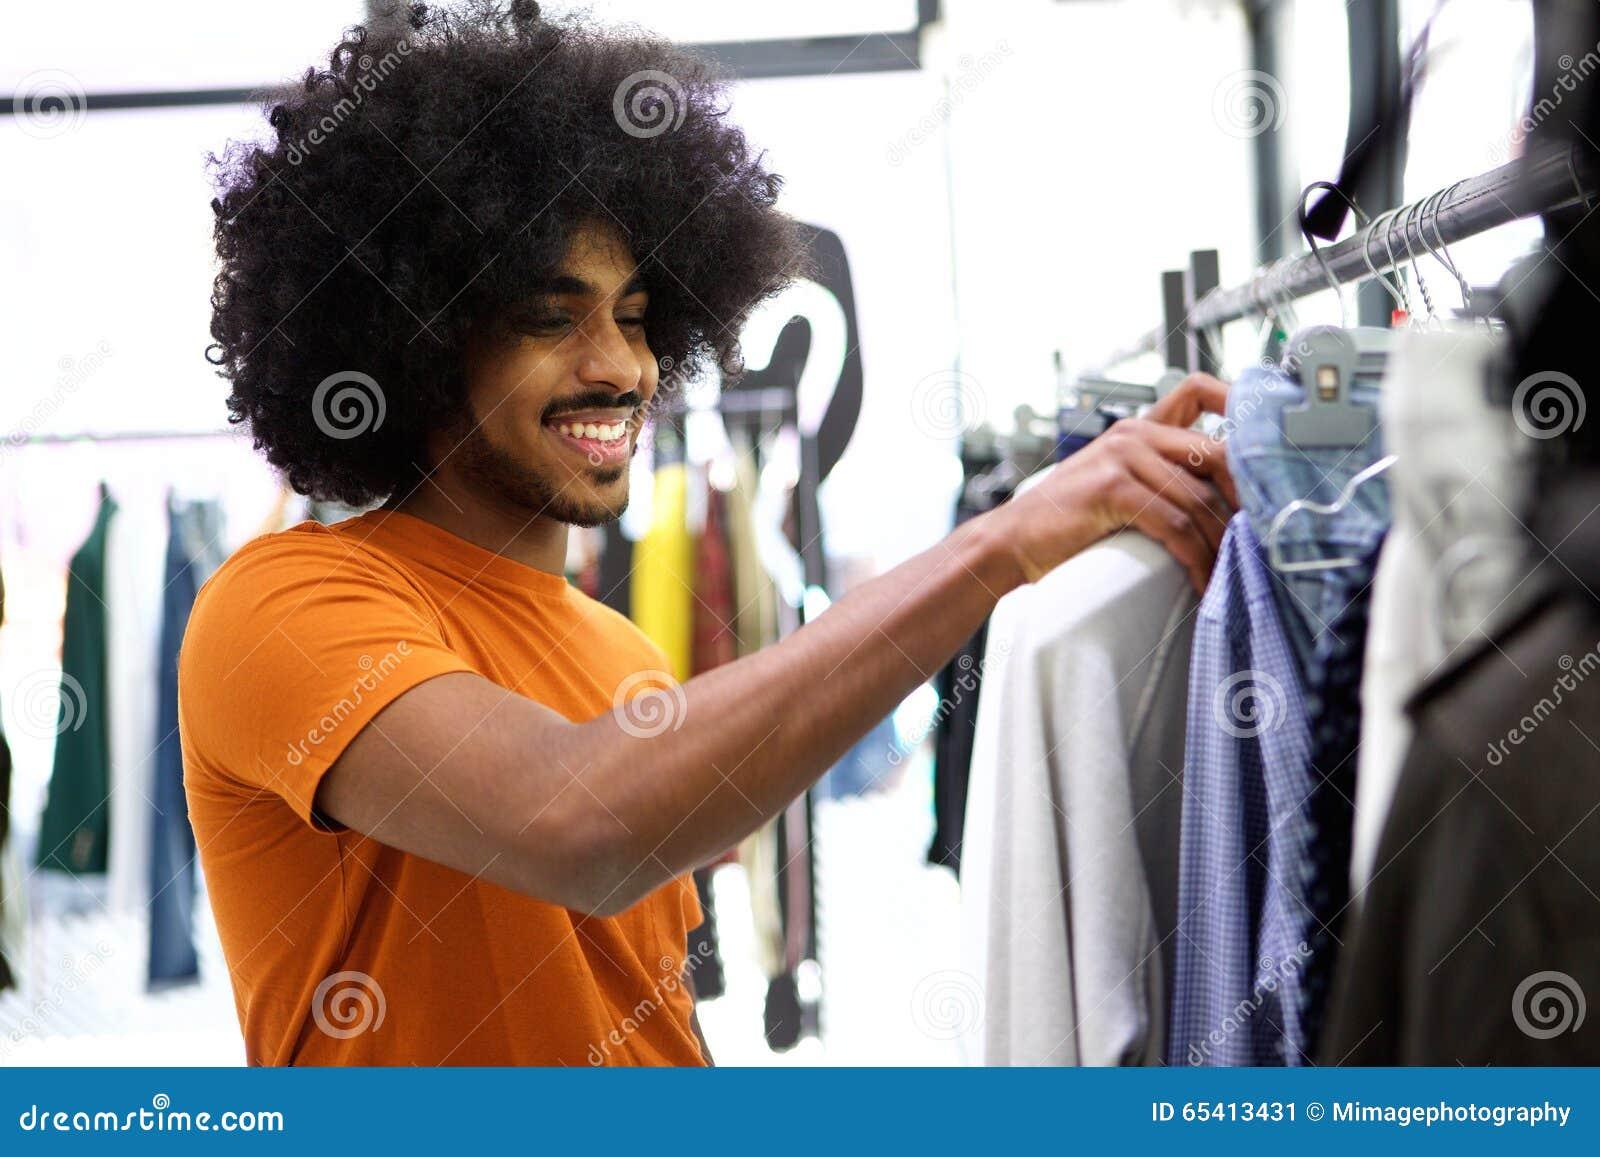 f4863ce2a Cliente Que Procura A Roupa Para Comprar Na Loja Imagem de Stock ...